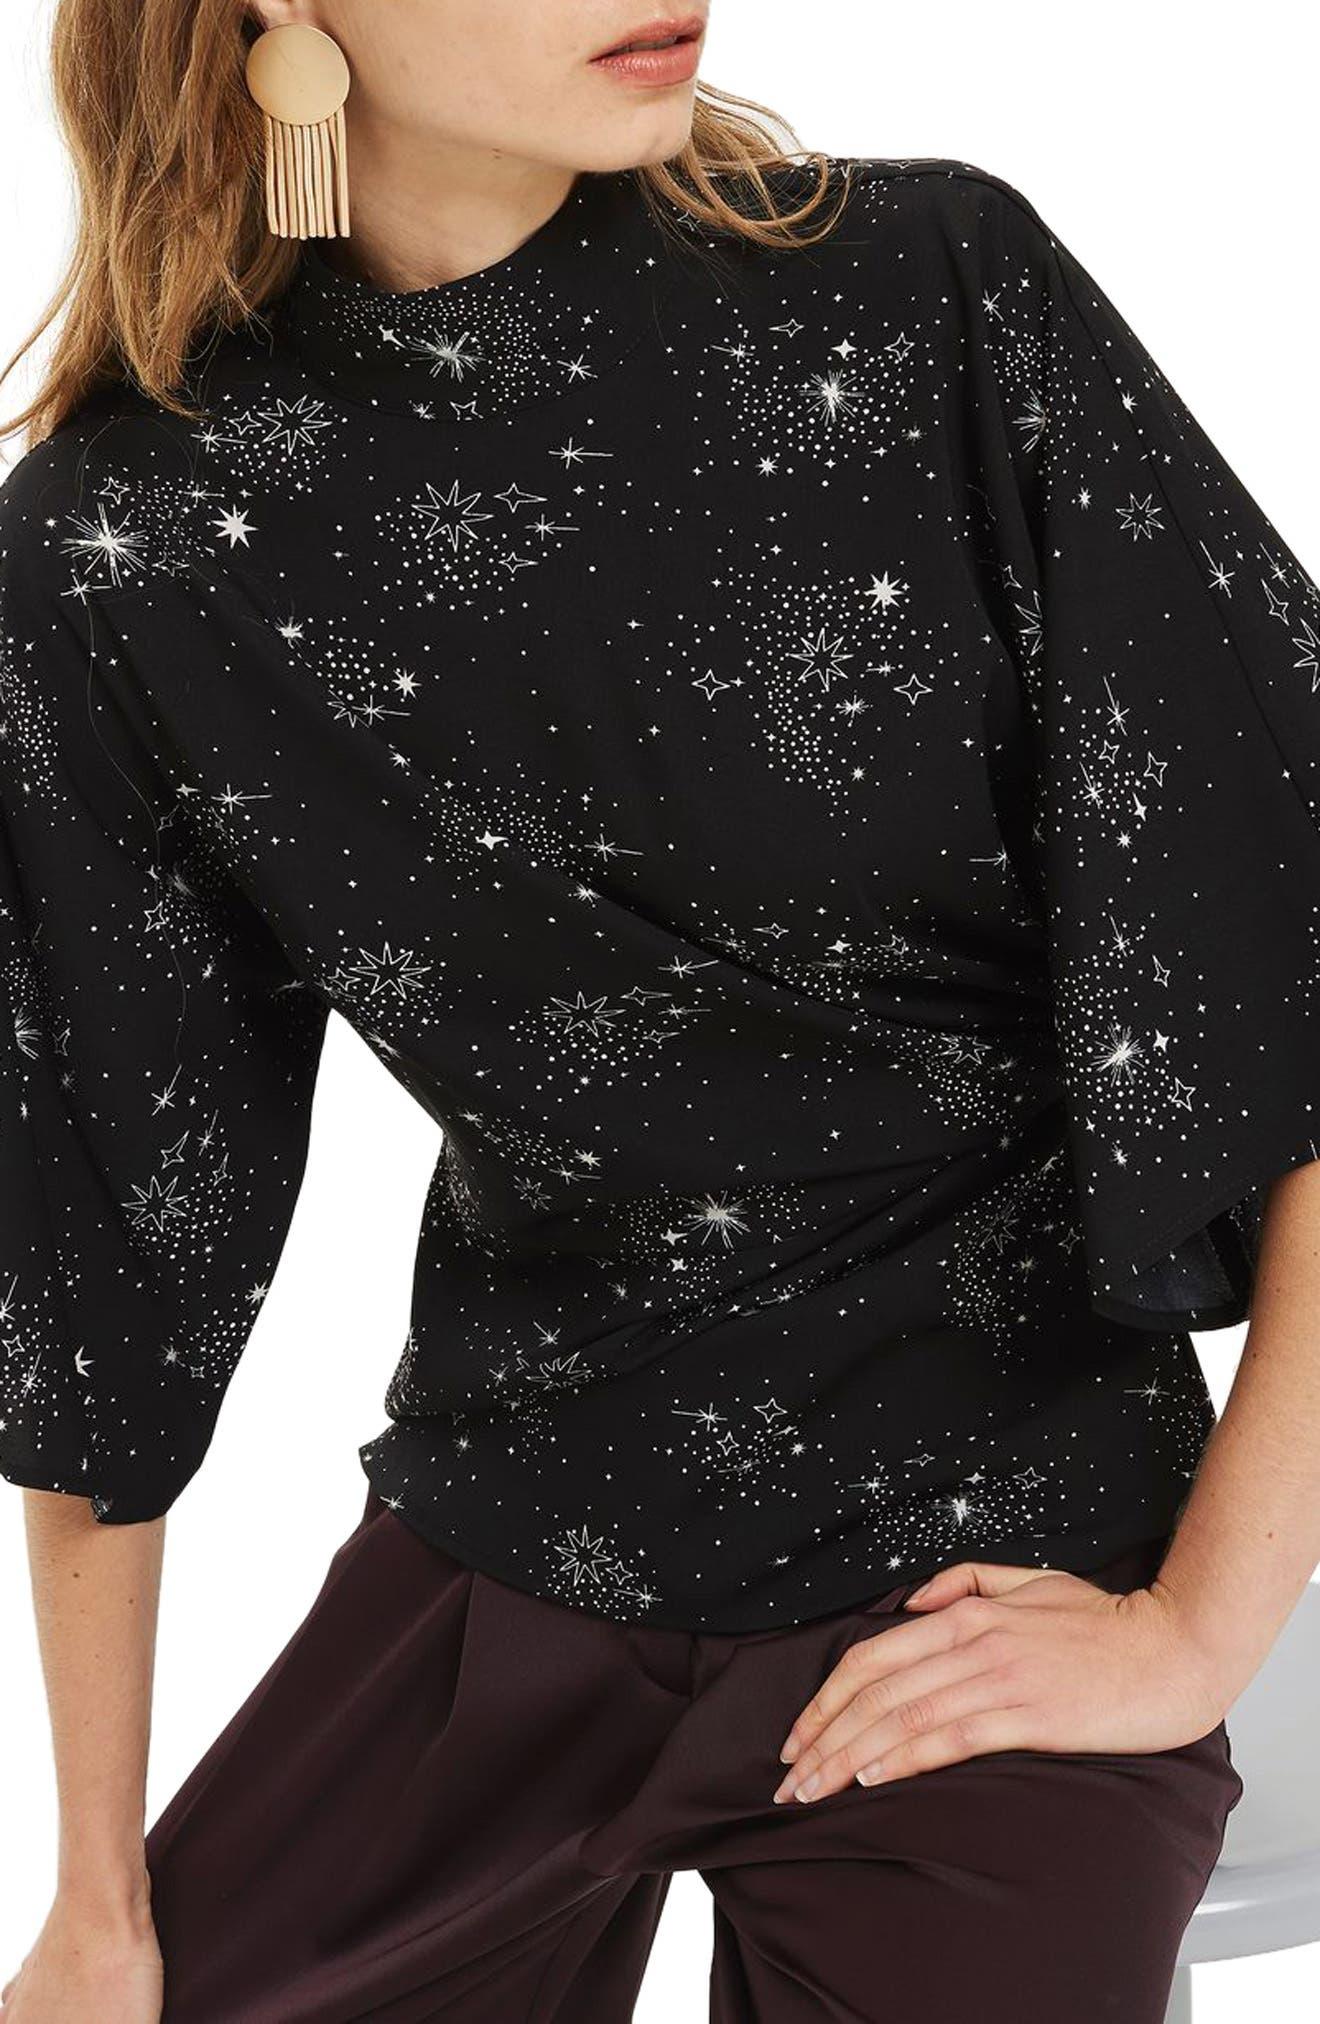 Star Print Origami Tuck Blouse,                             Main thumbnail 1, color,                             Black Multi